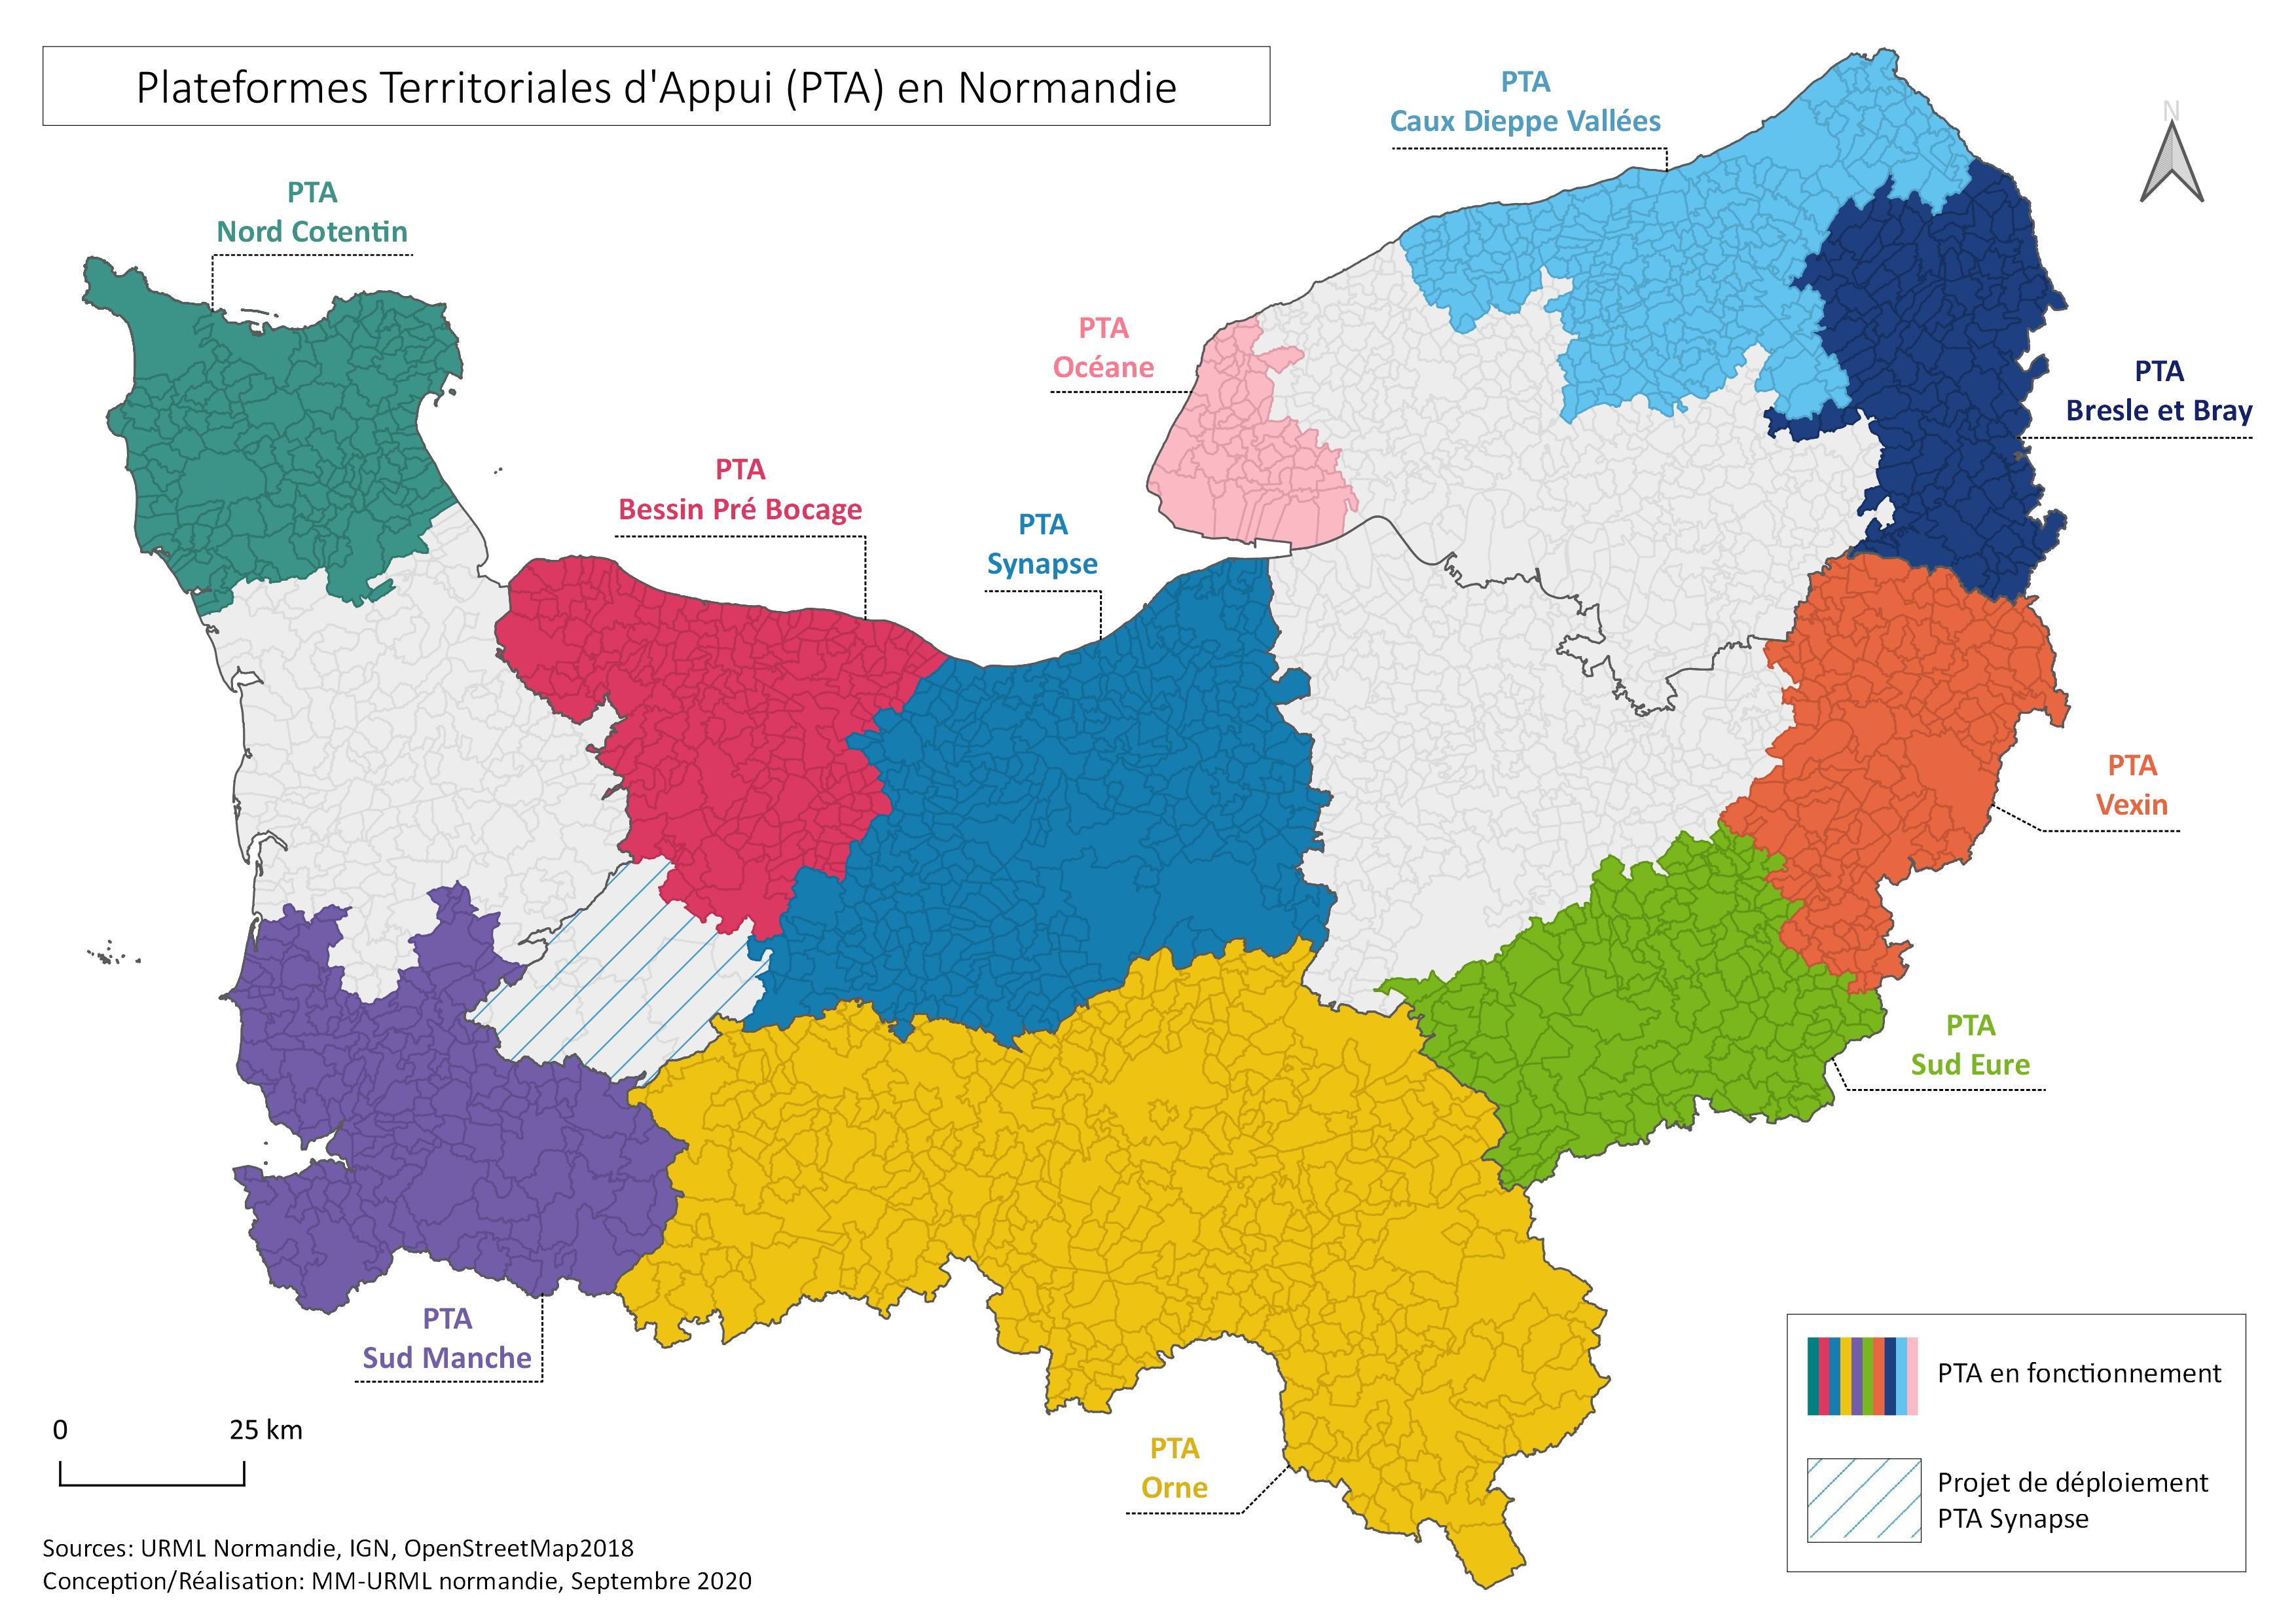 CARTE PTA SEP20 - PTA - Plateforme <br>Territoriale d'Appui